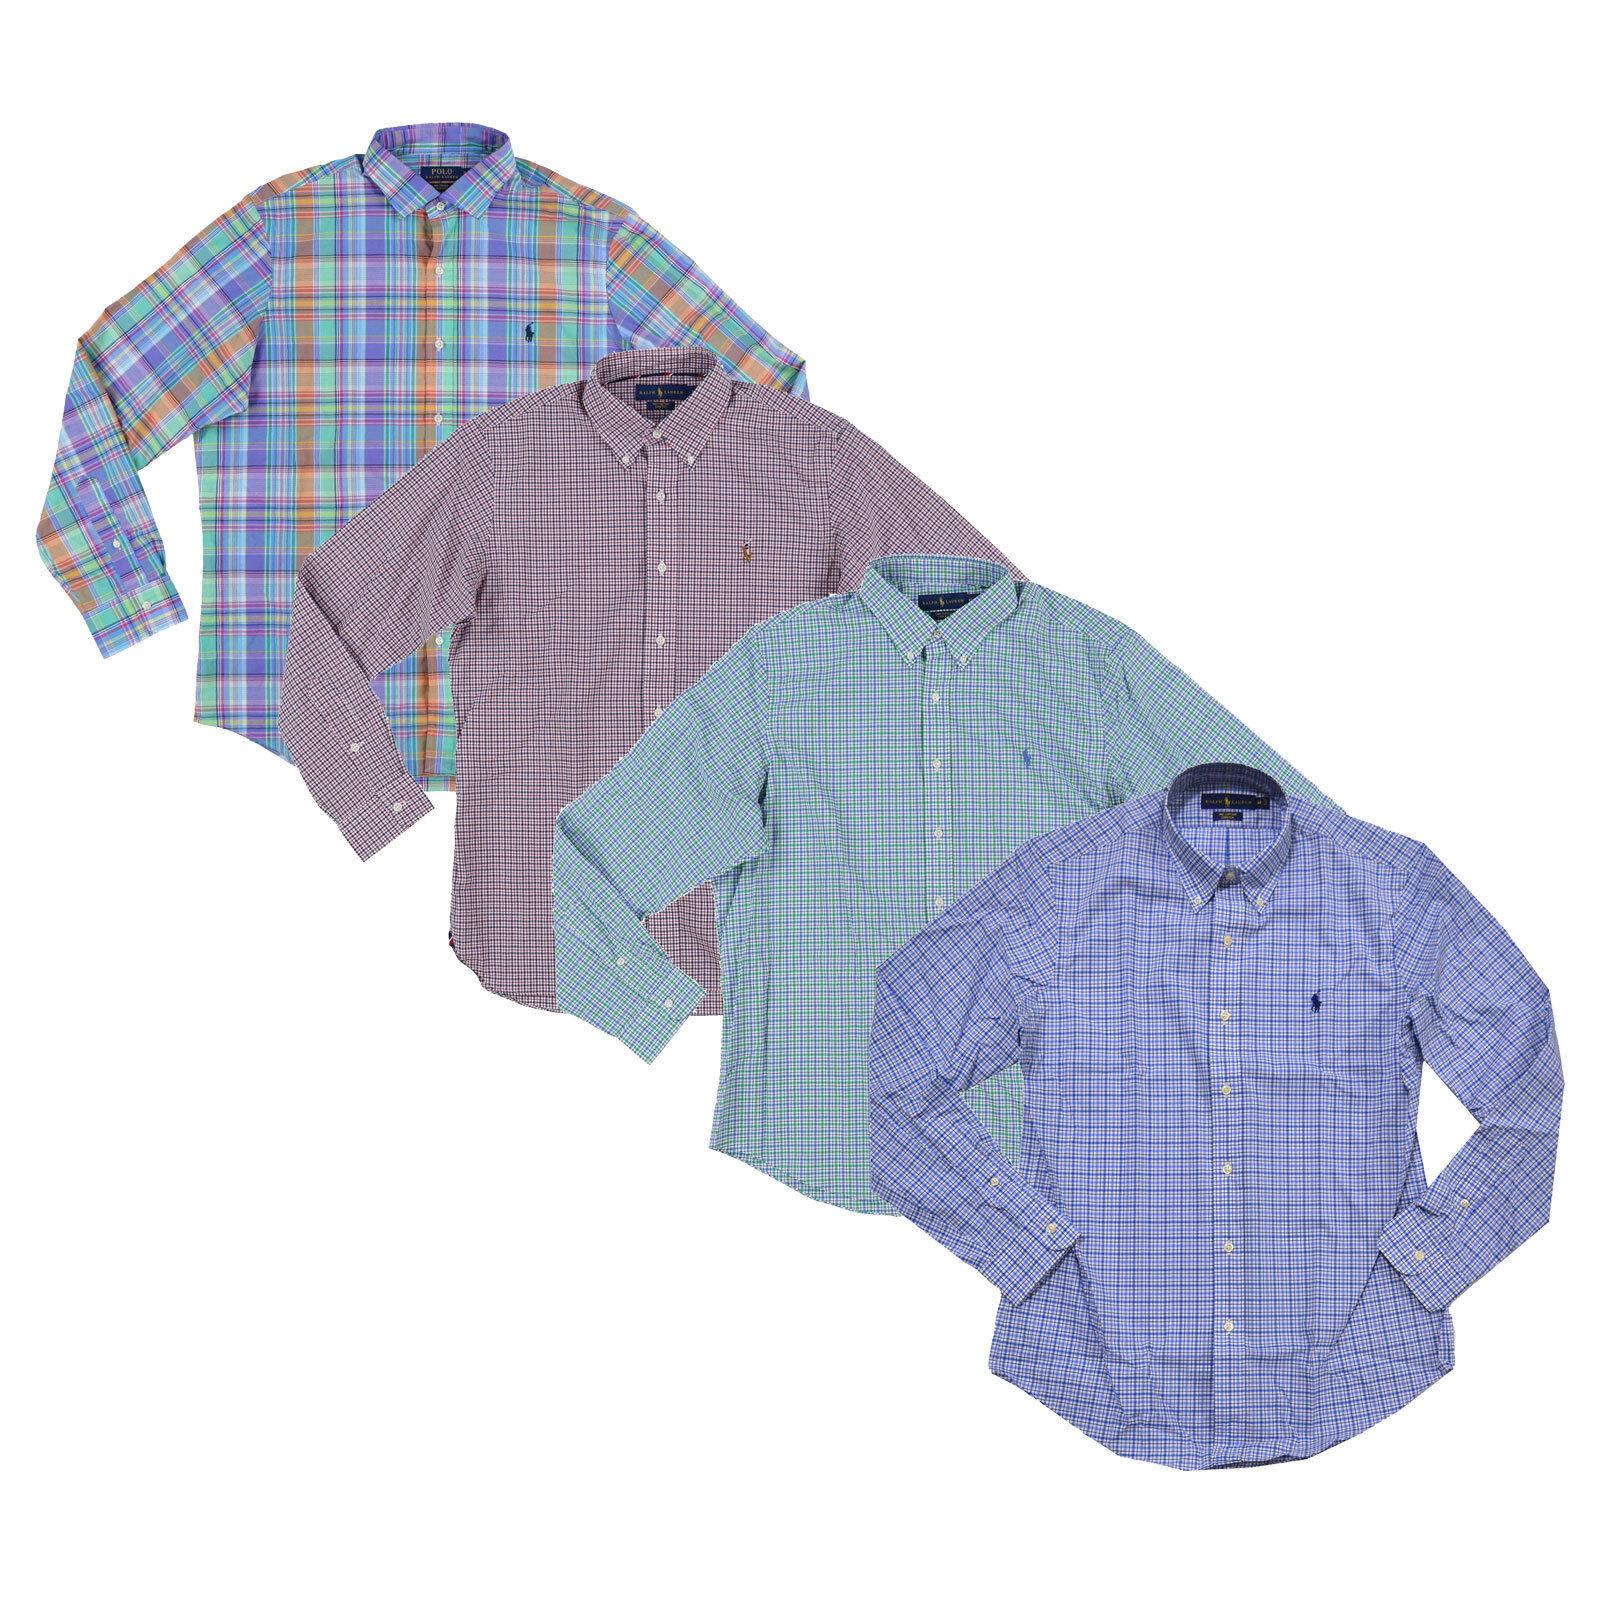 Polo Ralph Lauren Mens Long Sleeve Buttondown Lightweight Woven Cotton Stretch